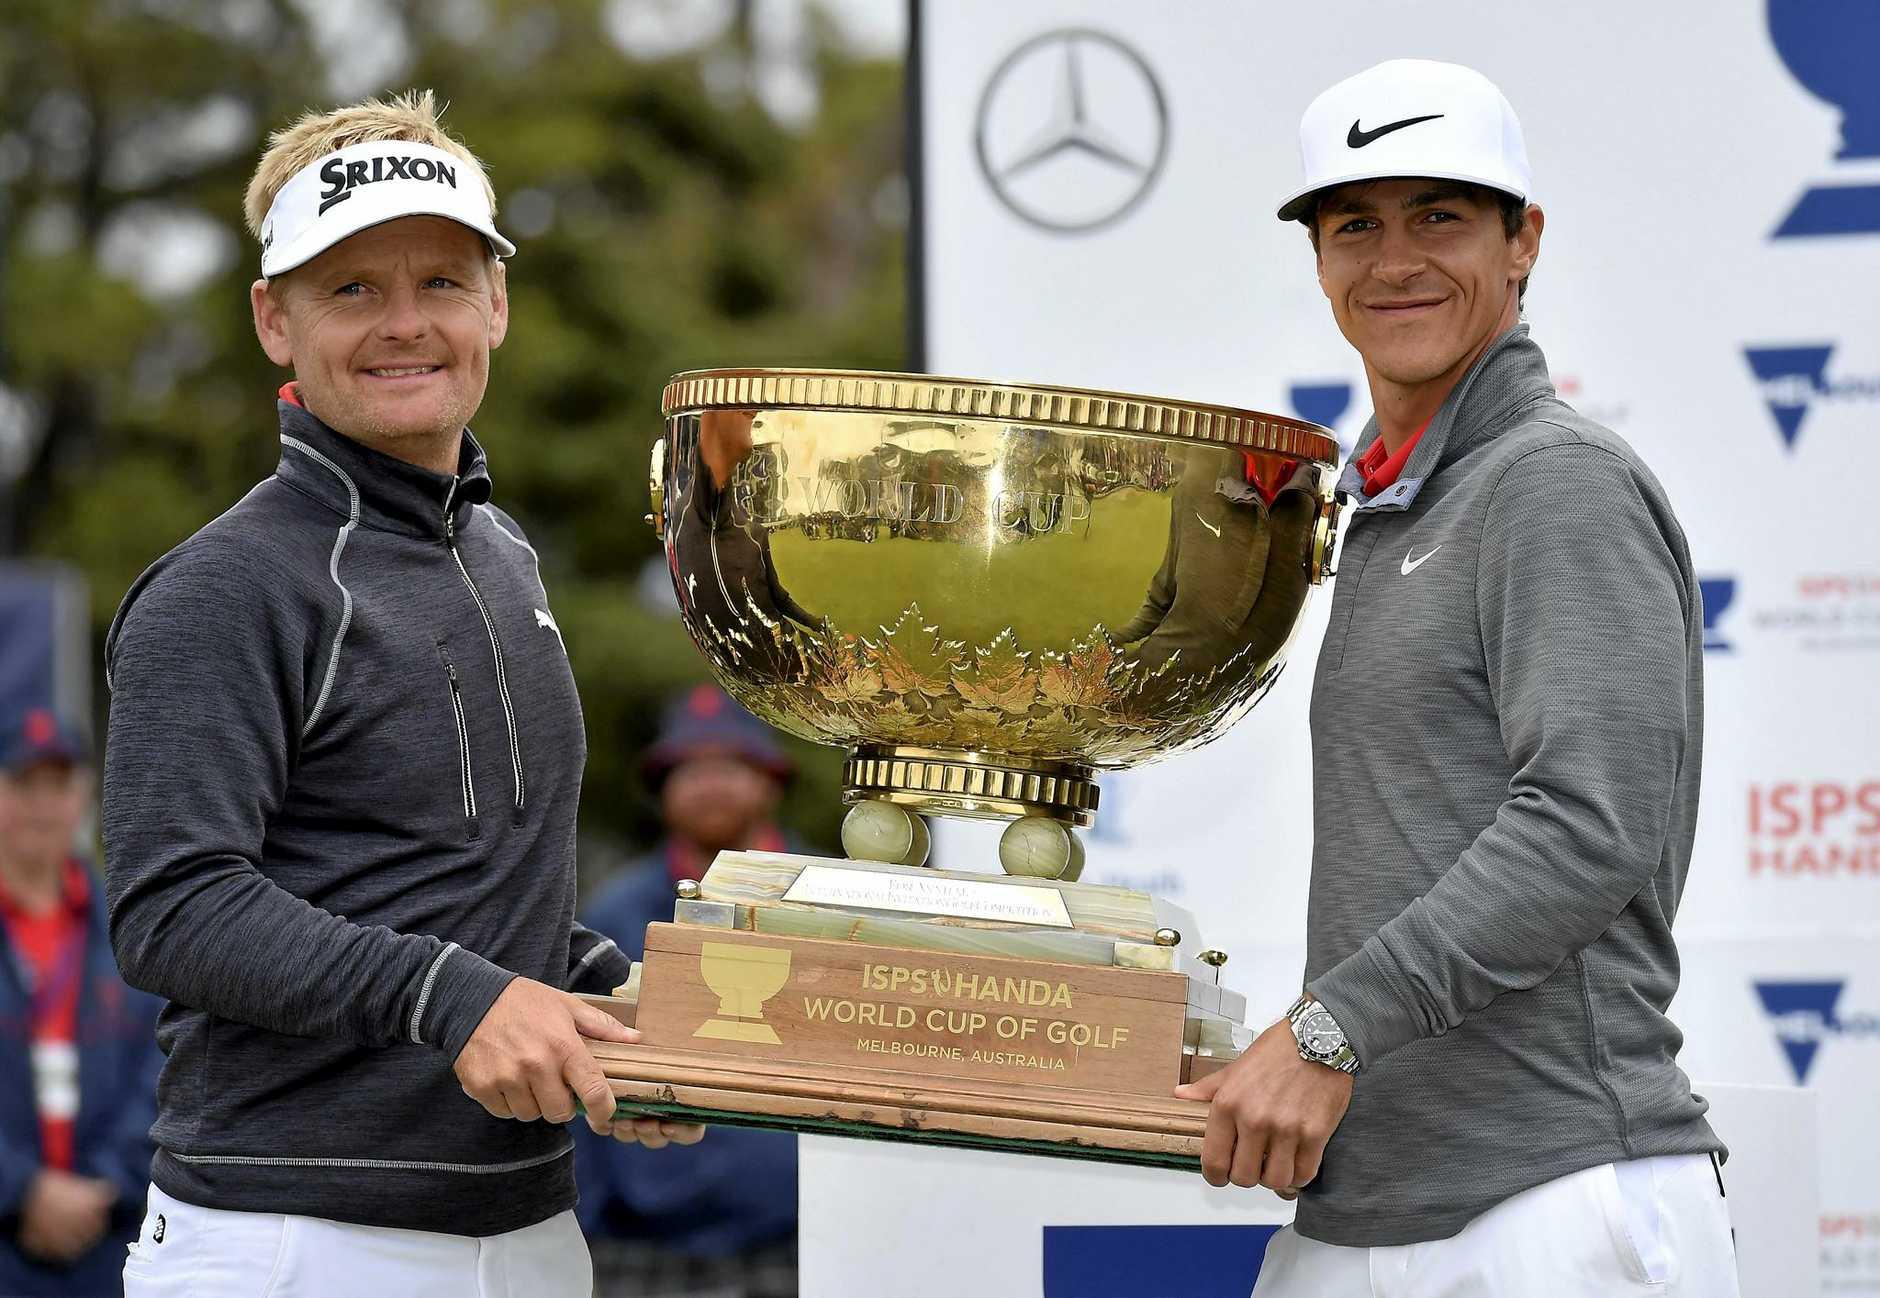 Denmark's Thorbjorn Olesen (right) and partner Soren Kjeldsen hold the World Cup of Golf trophy at Kingston Heath in Melbourne.